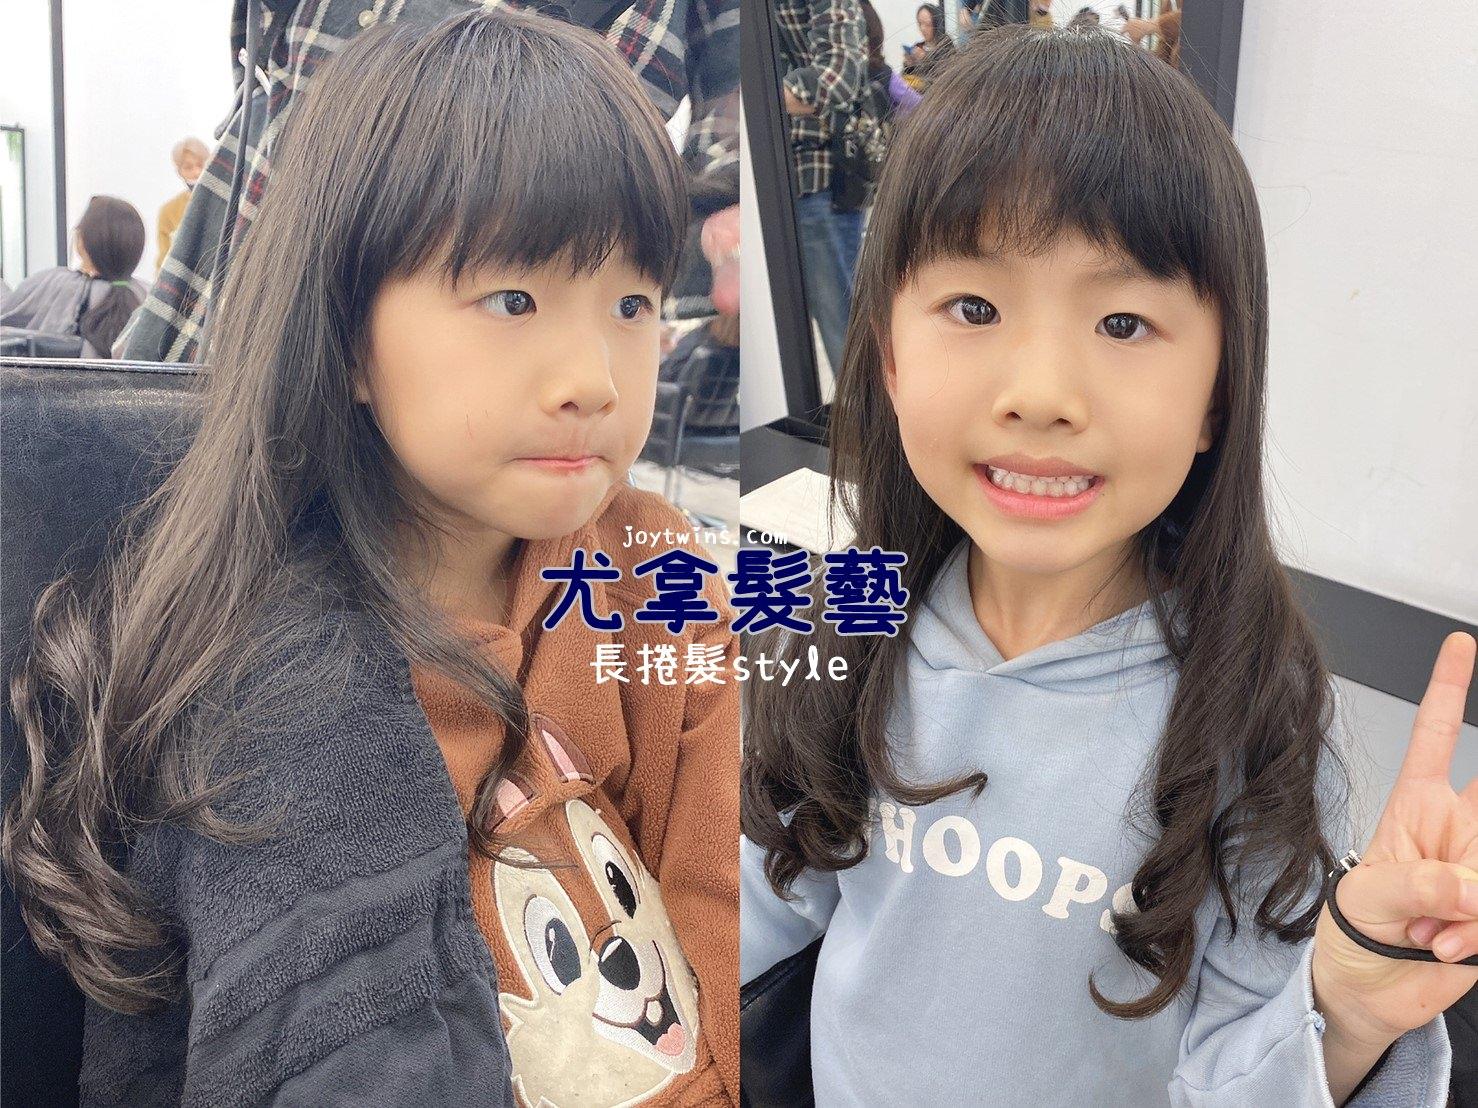 變髮 尤拿髮藝 青海館 終於完成夢幻美少女長捲髮  仙氣十足、萌軟可愛